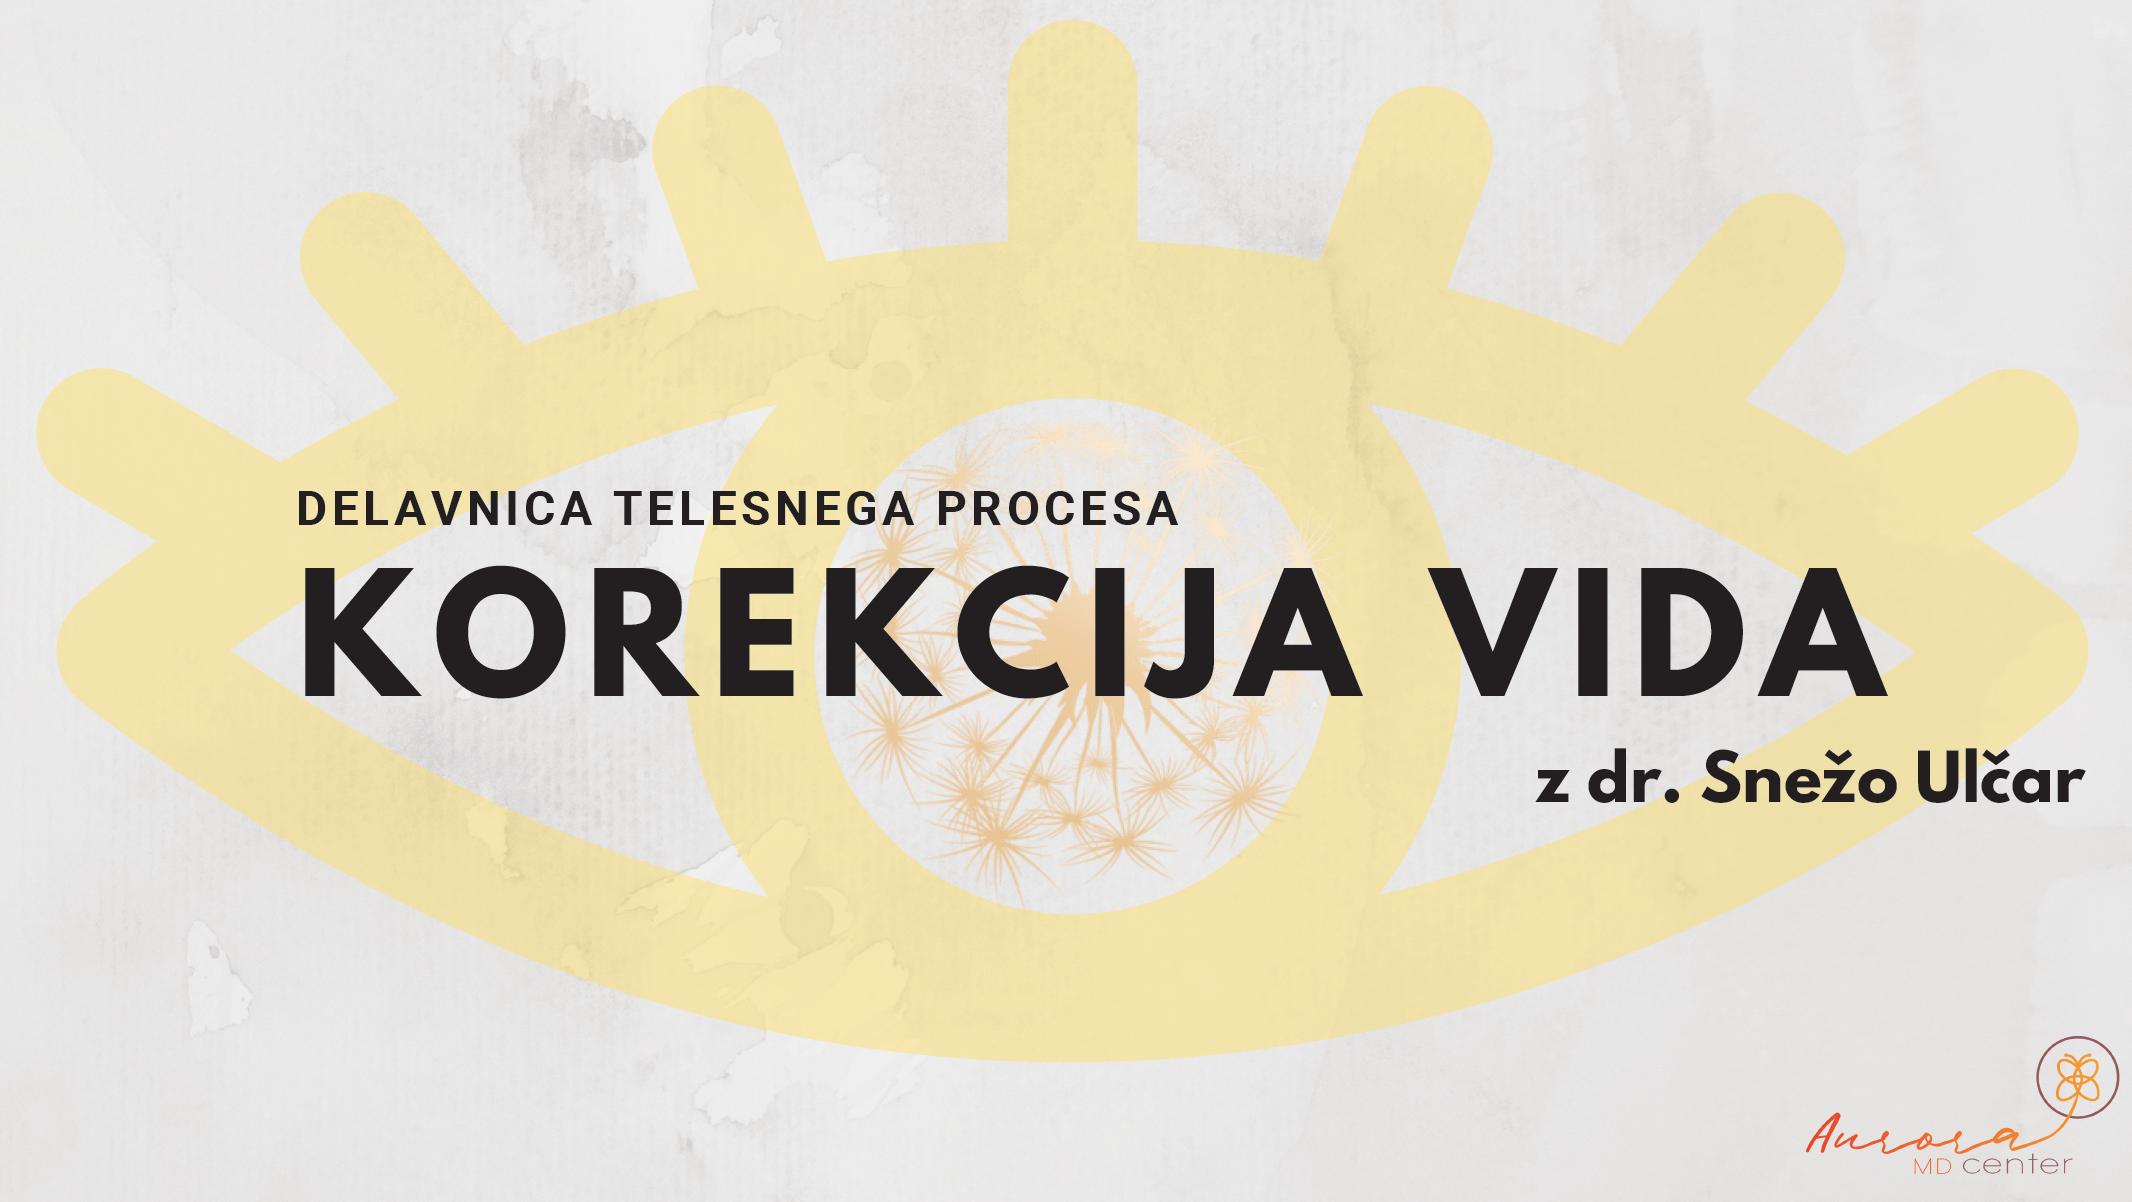 Delavnica Korekcija VIDa z dr. Snežo Ulčar: 17.9.2019, 17:00-20:00